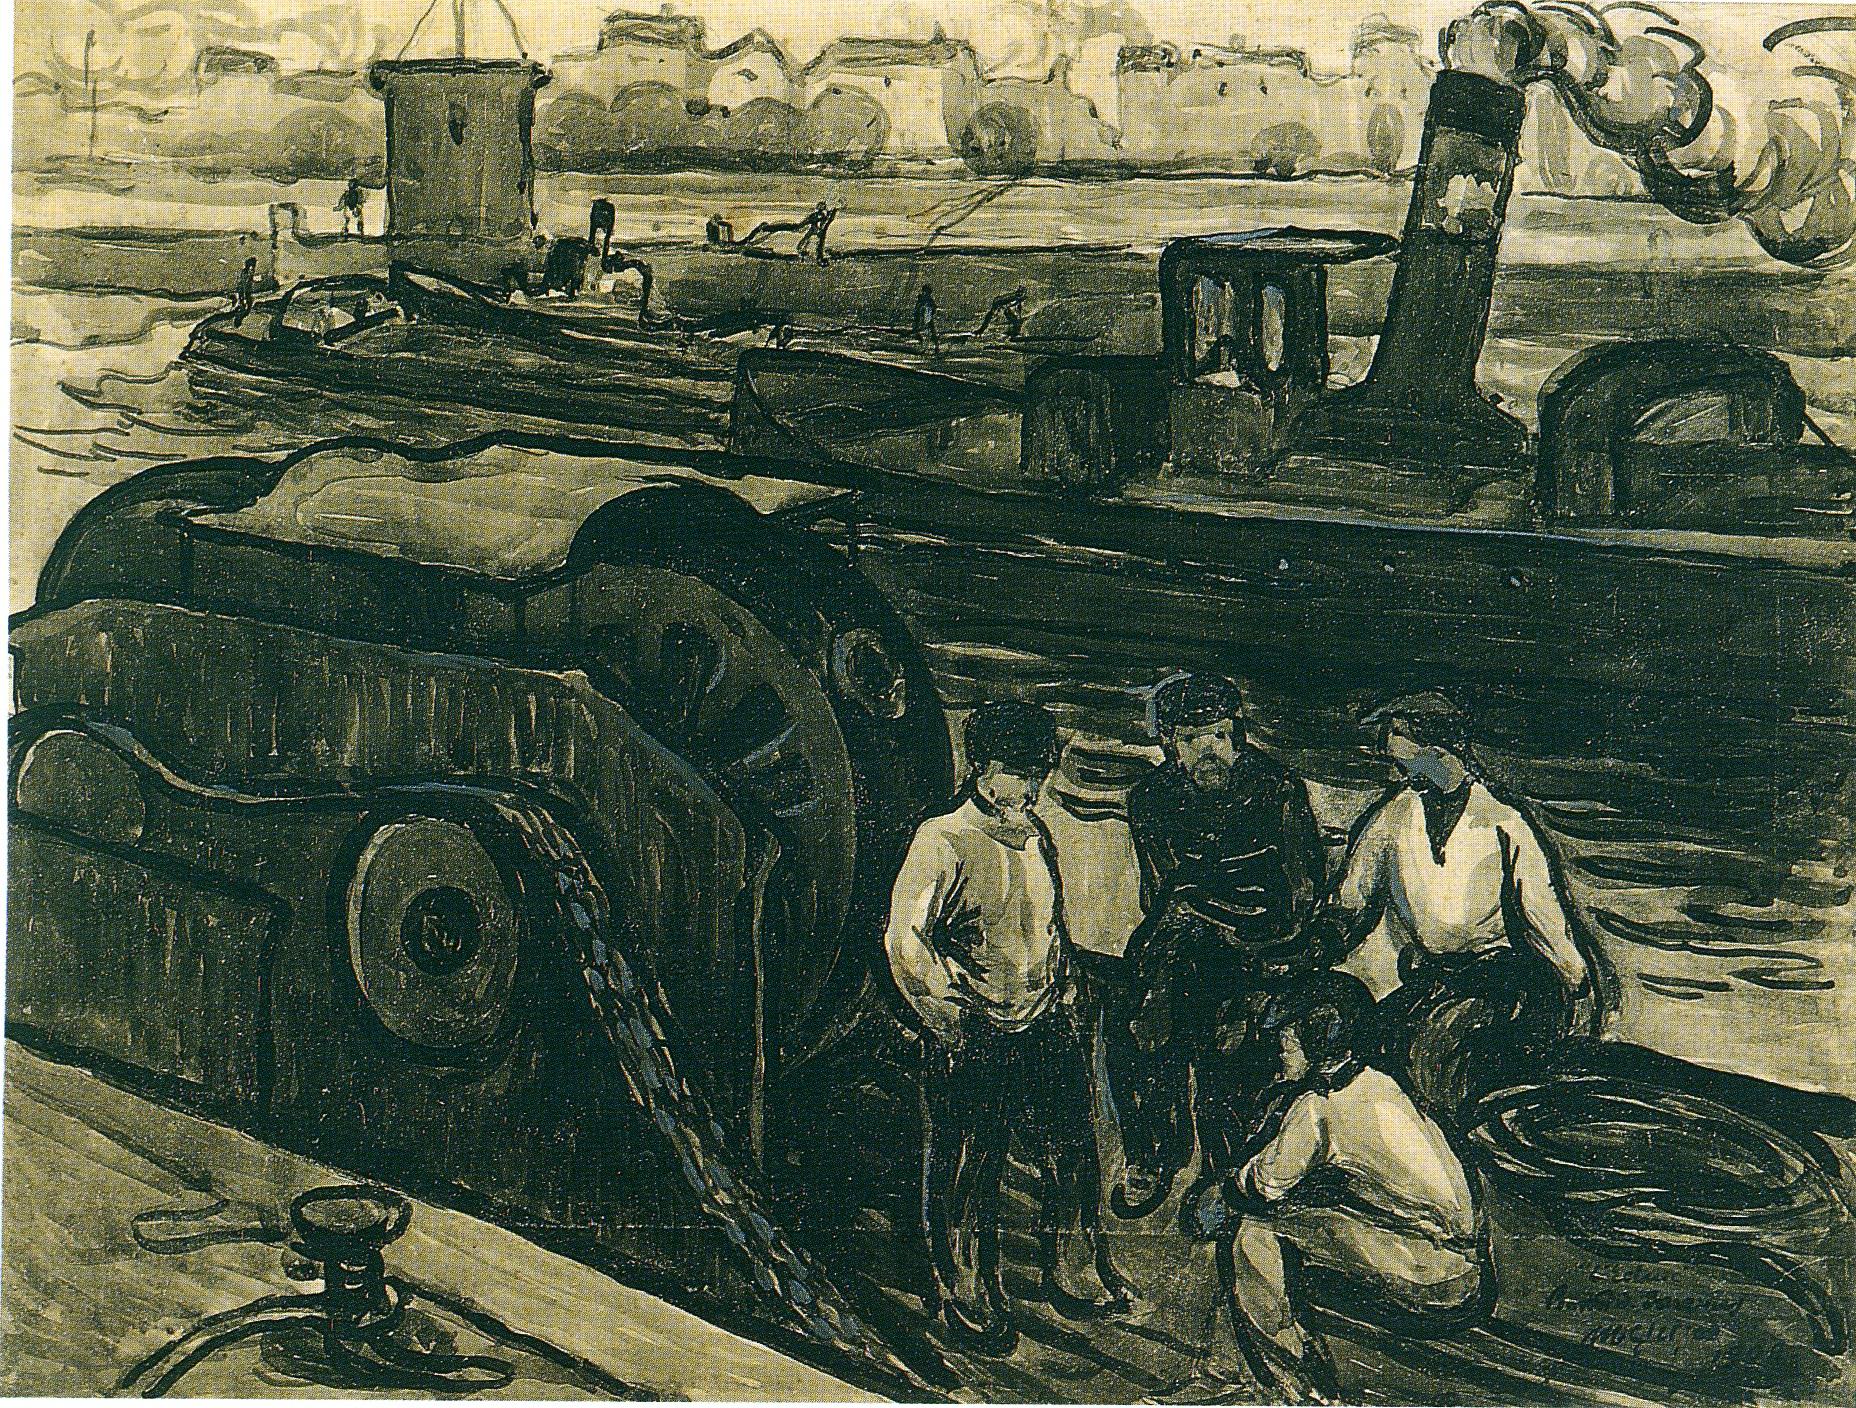 Albert Gleizes, <em>L'Ecluse de Suresne</em>, 1908 (Suresnes, musée d'Histoire urbaine et sociale)